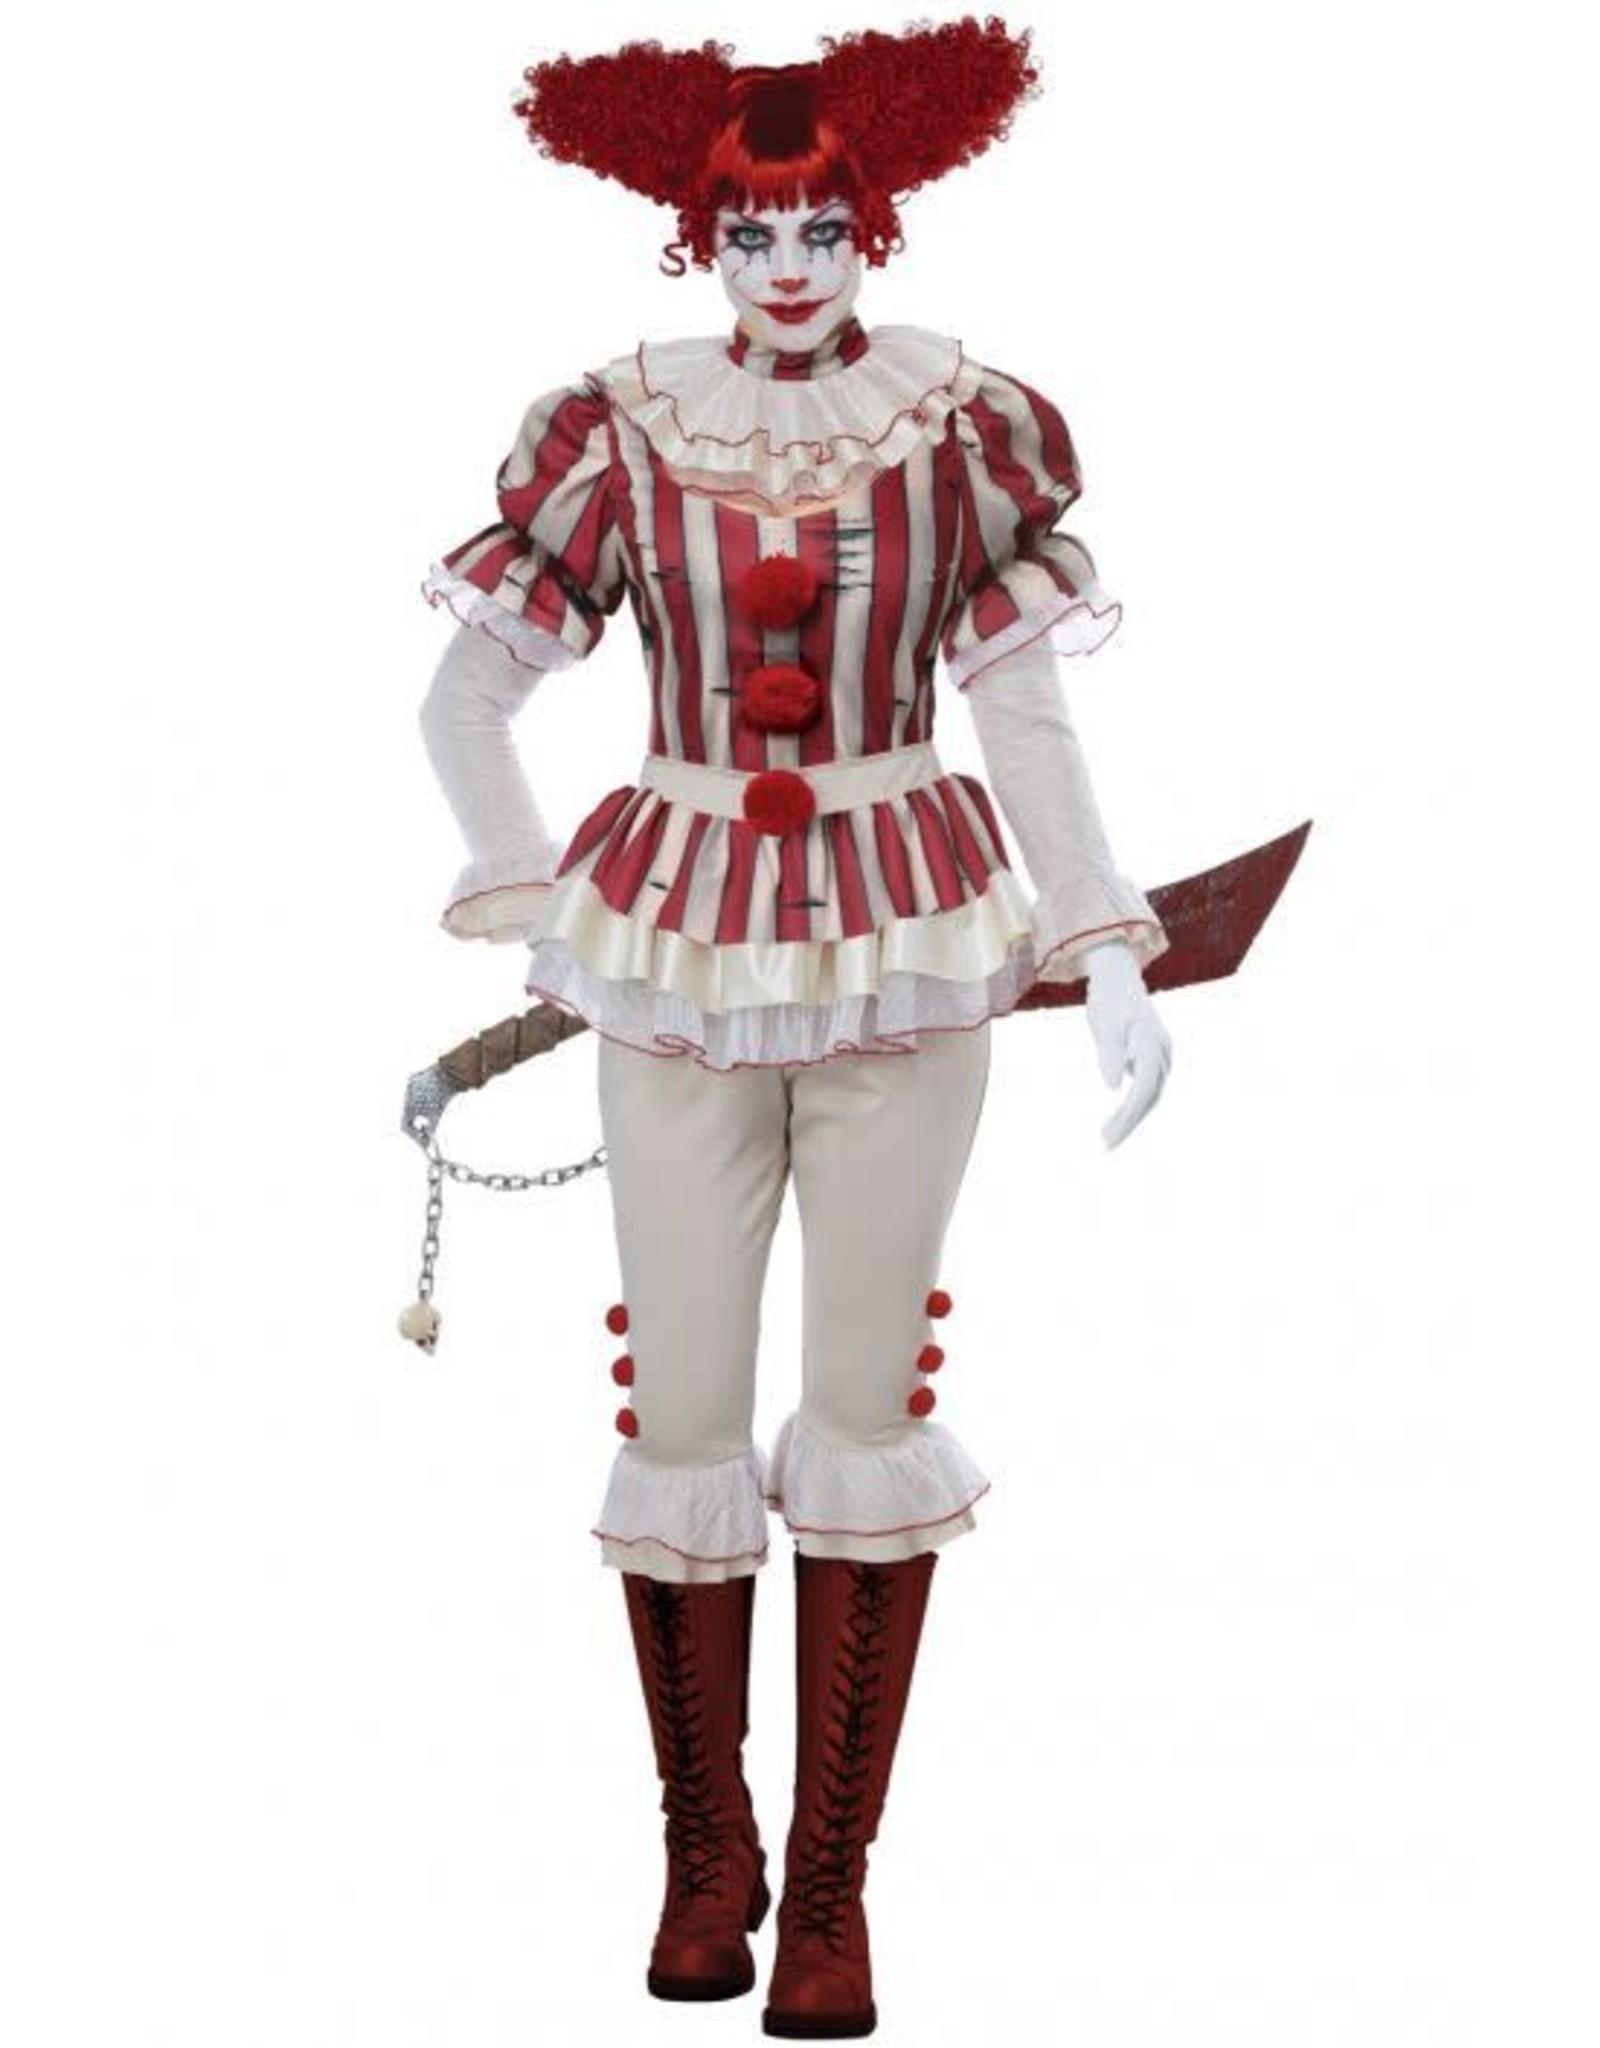 California Costume Sadistic Clown